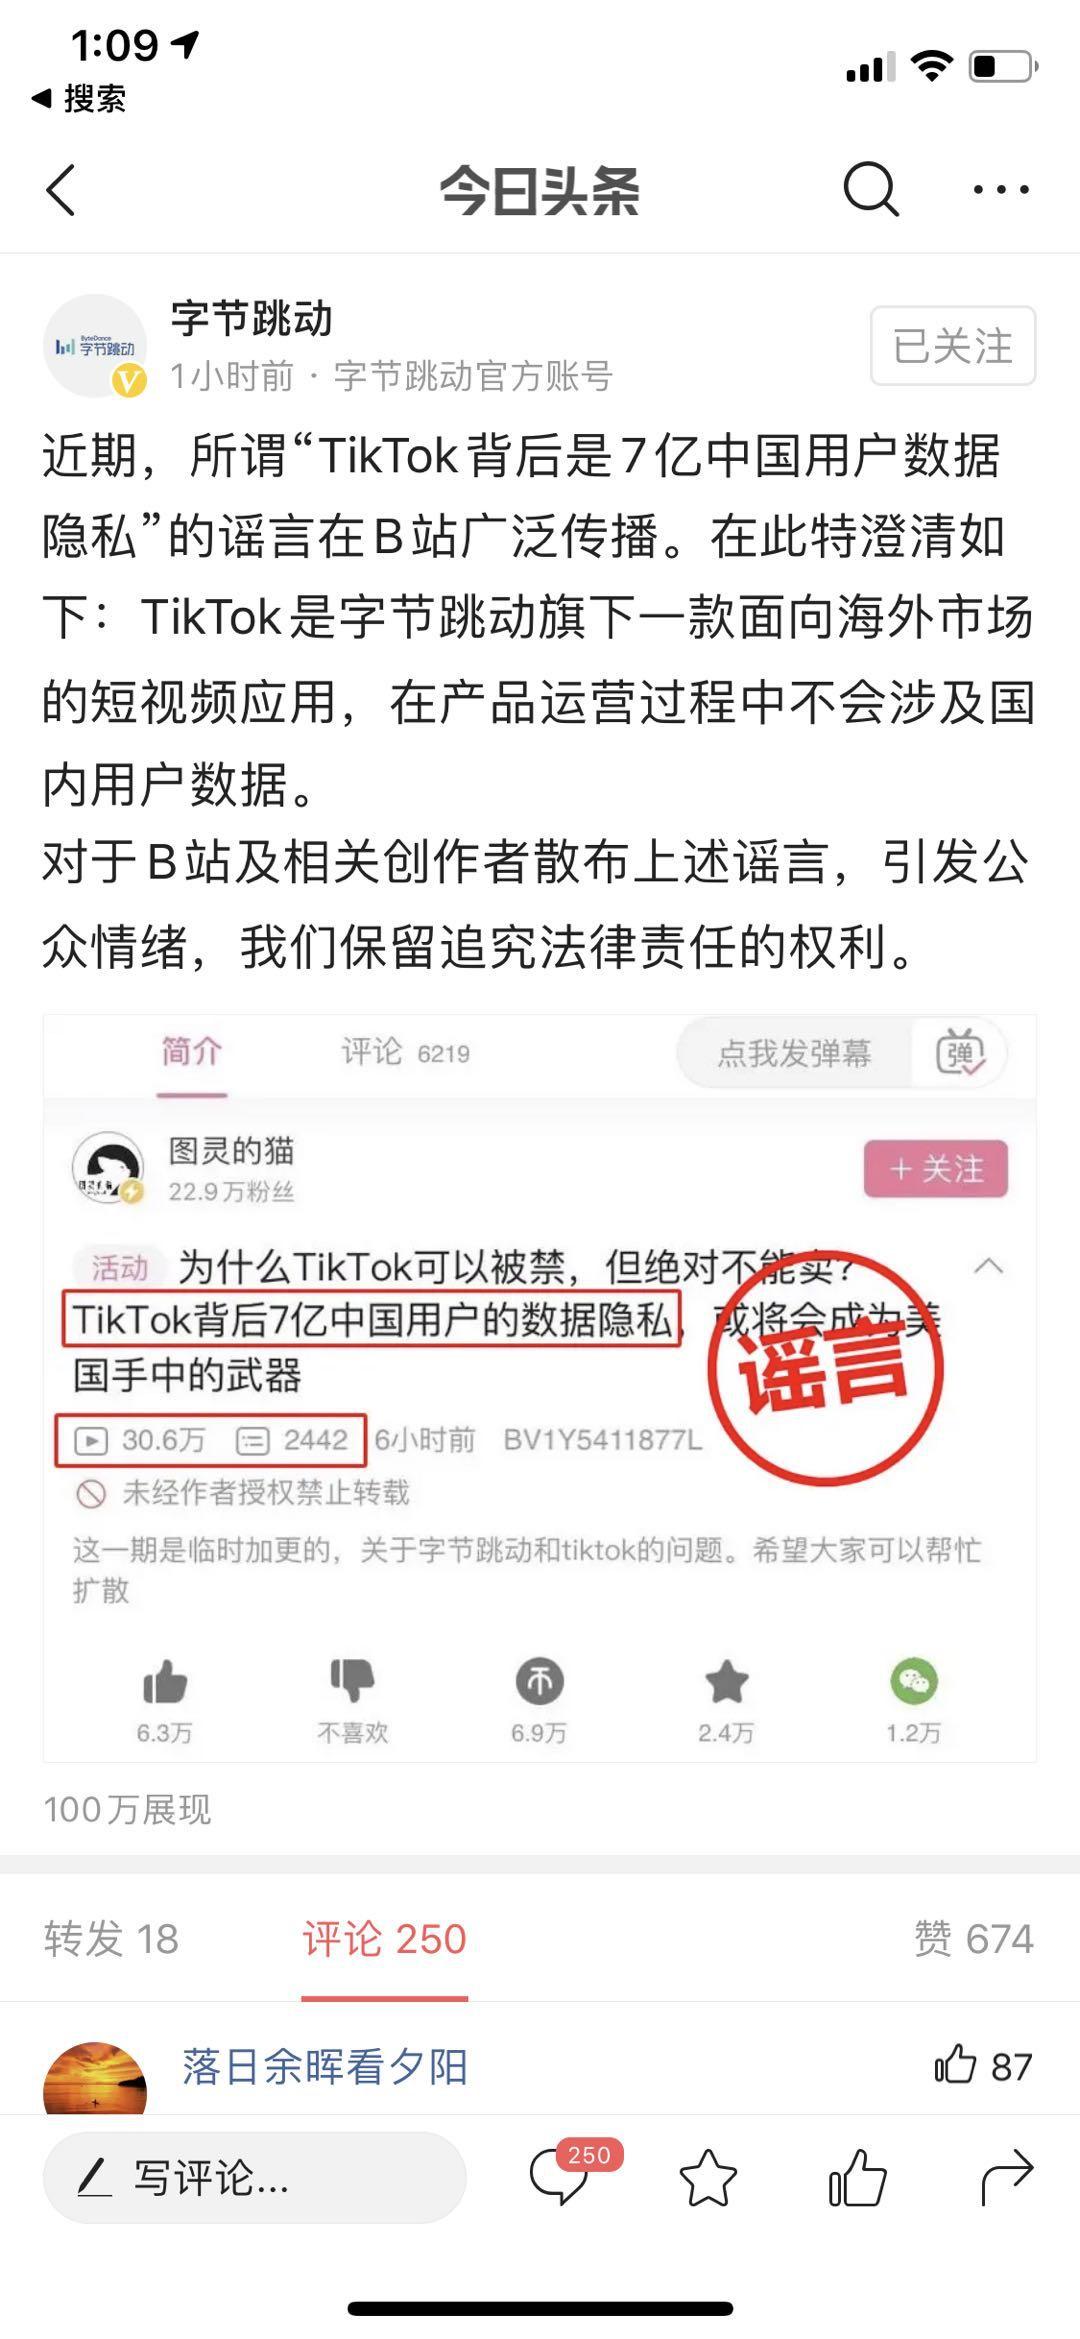 字节跳动:TikTok产品运营过程中不会涉及国内用户数据